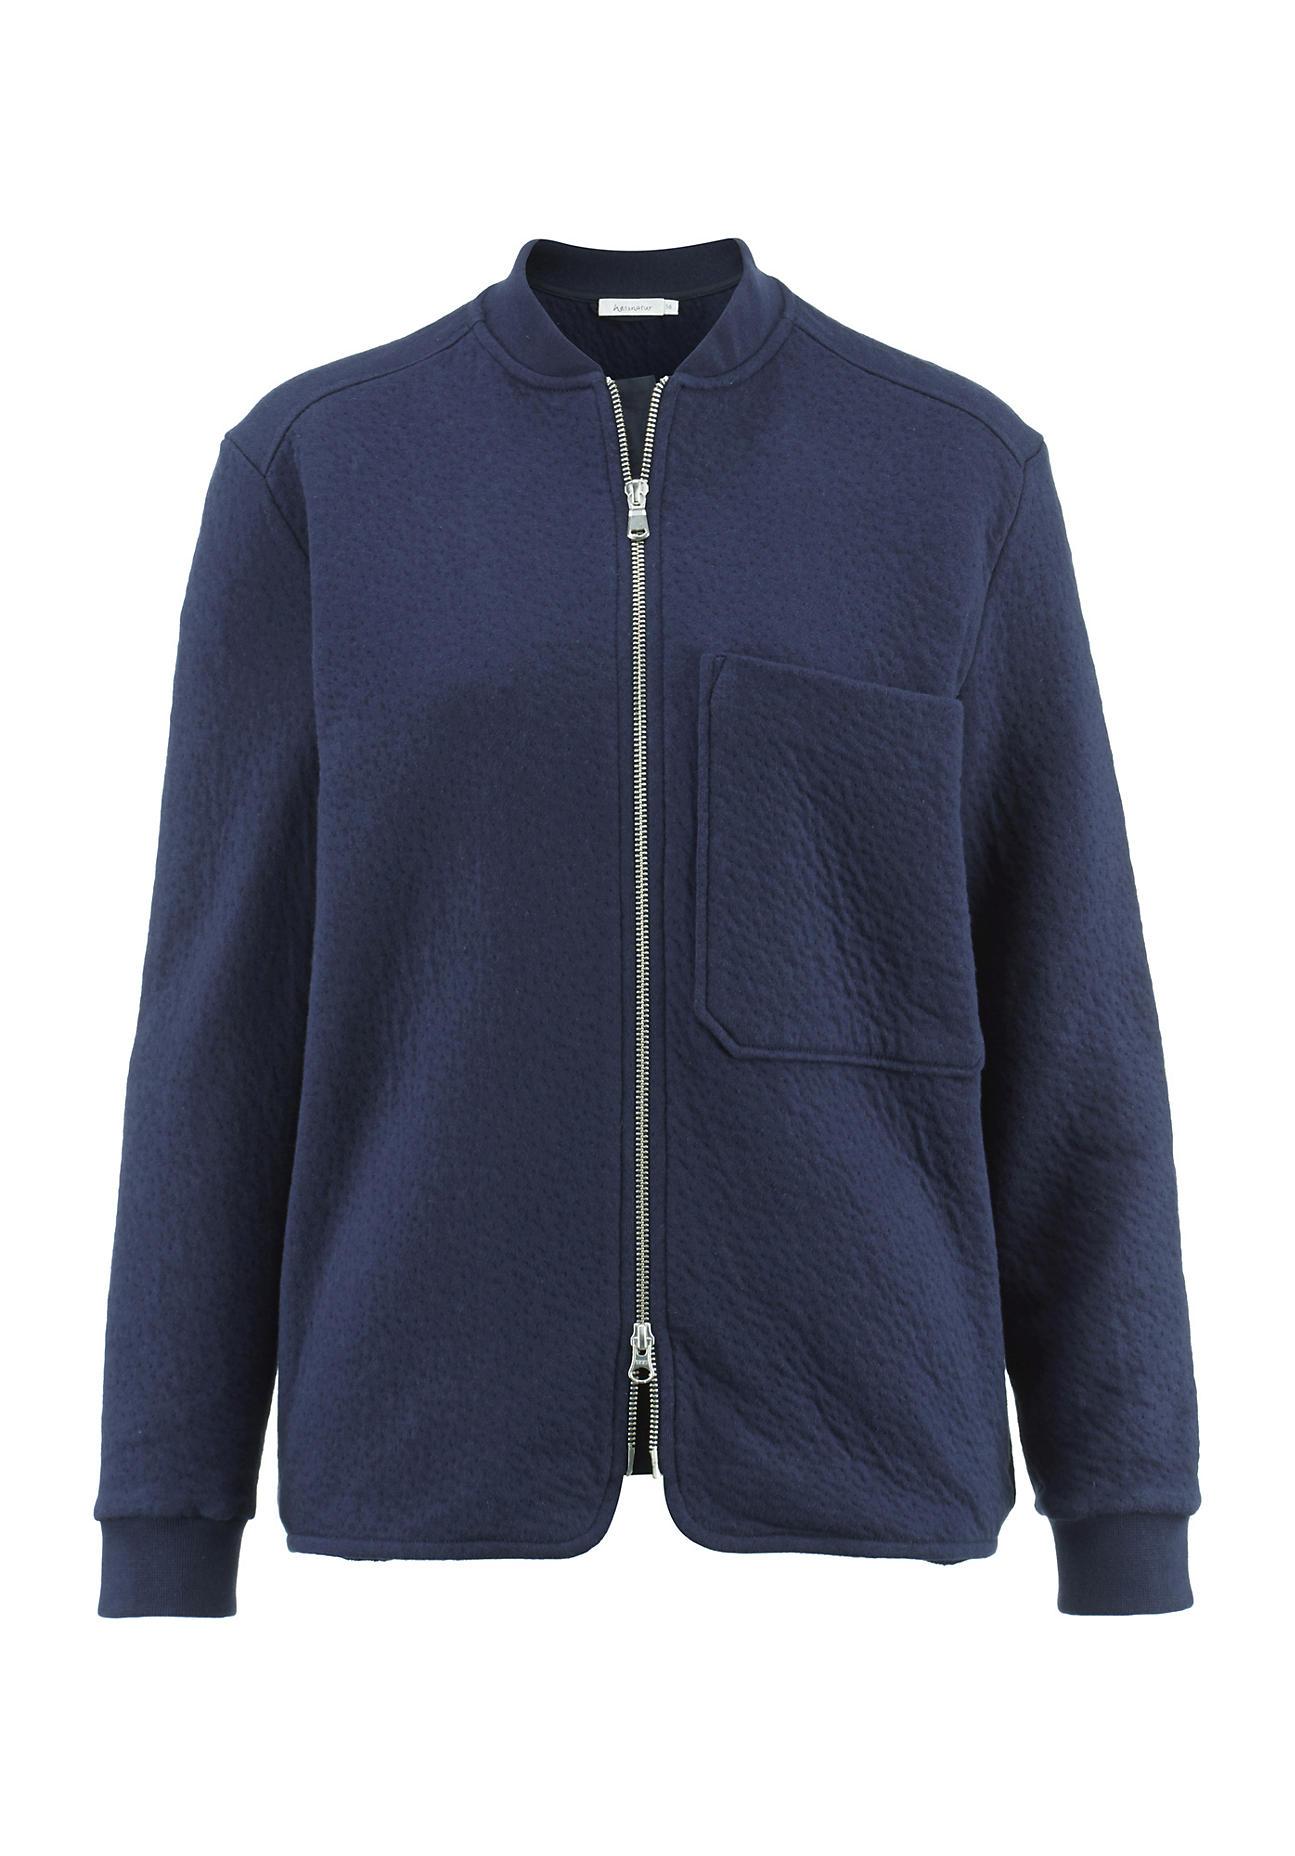 hessnatur Damen Jersey-Jacke aus Bio-Baumwolle – blau – Größe 36